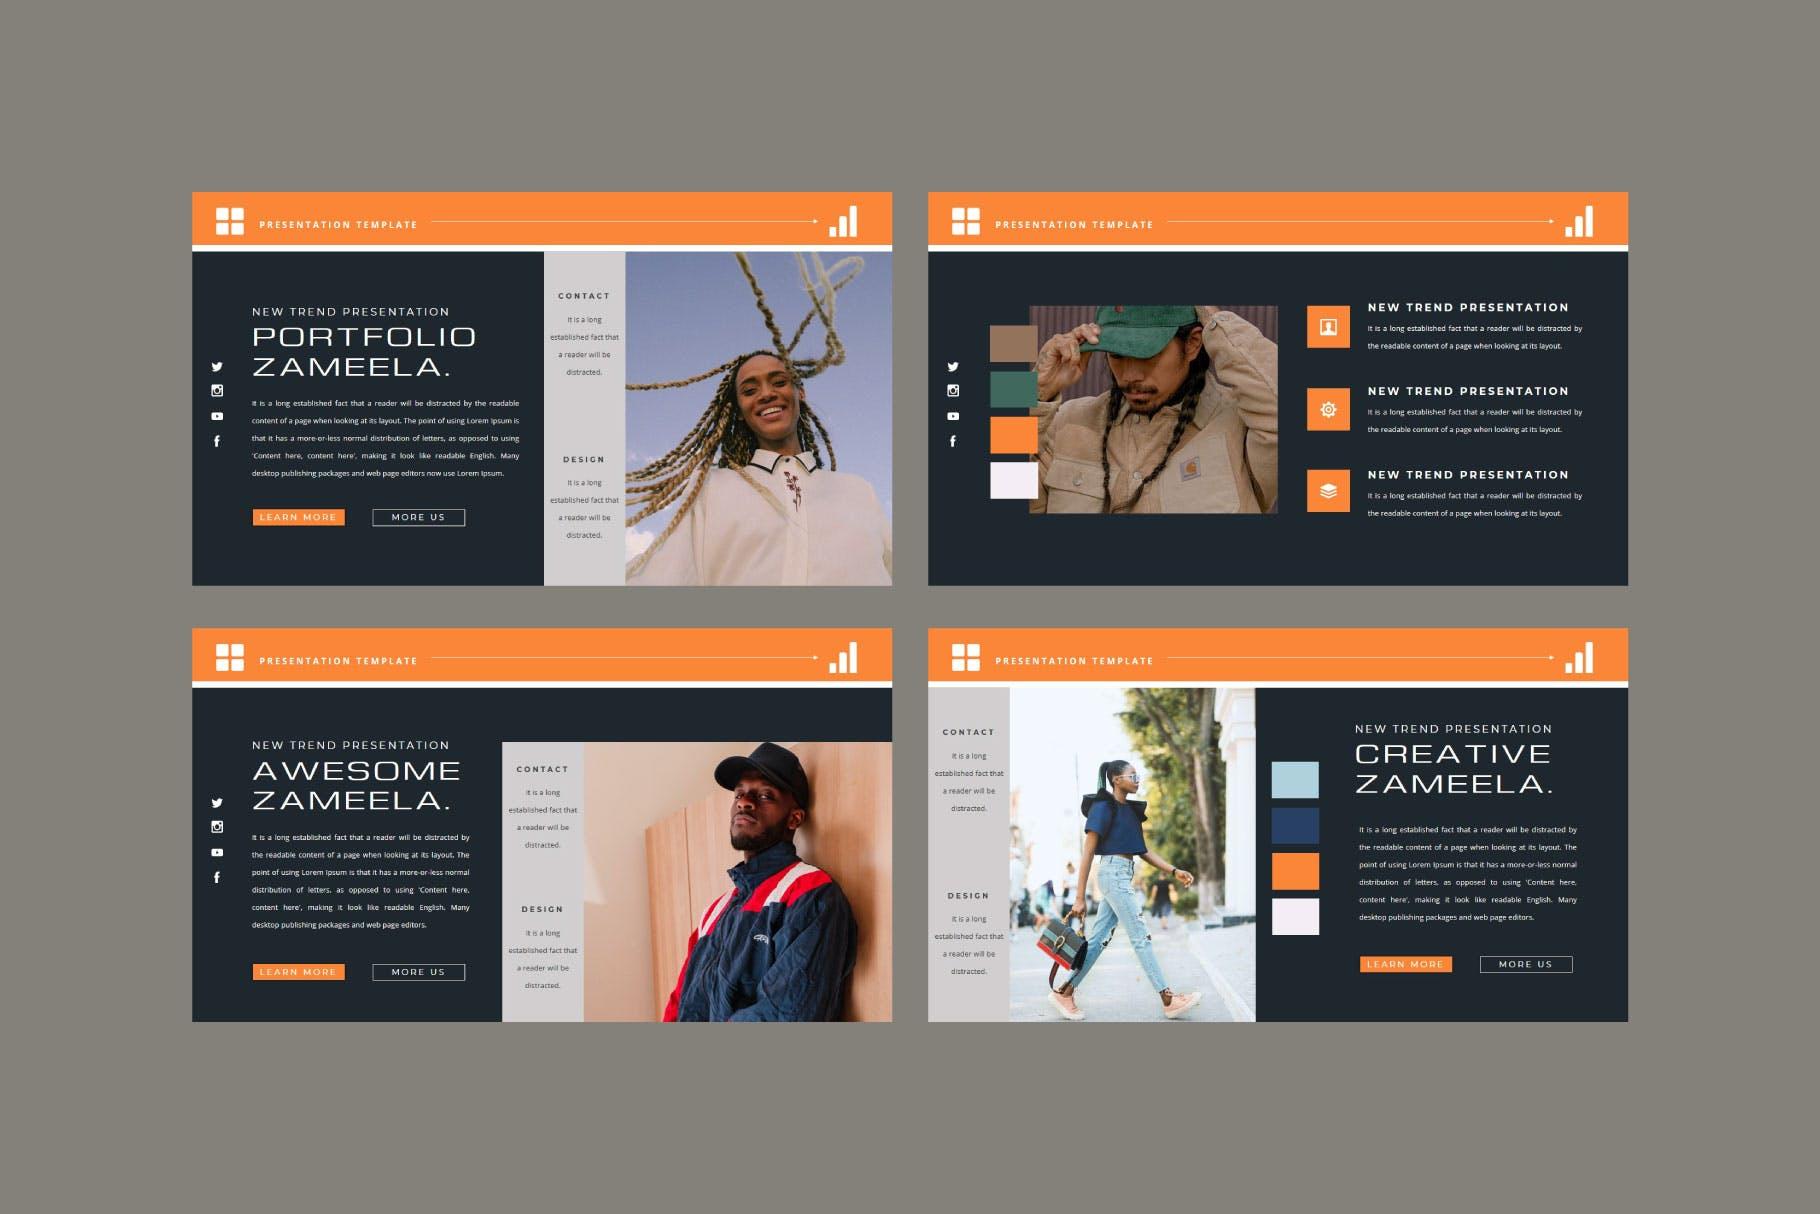 潮流品牌服装摄影作品集演示文稿设计模板 ZAMEELA Powerpoint Template插图3